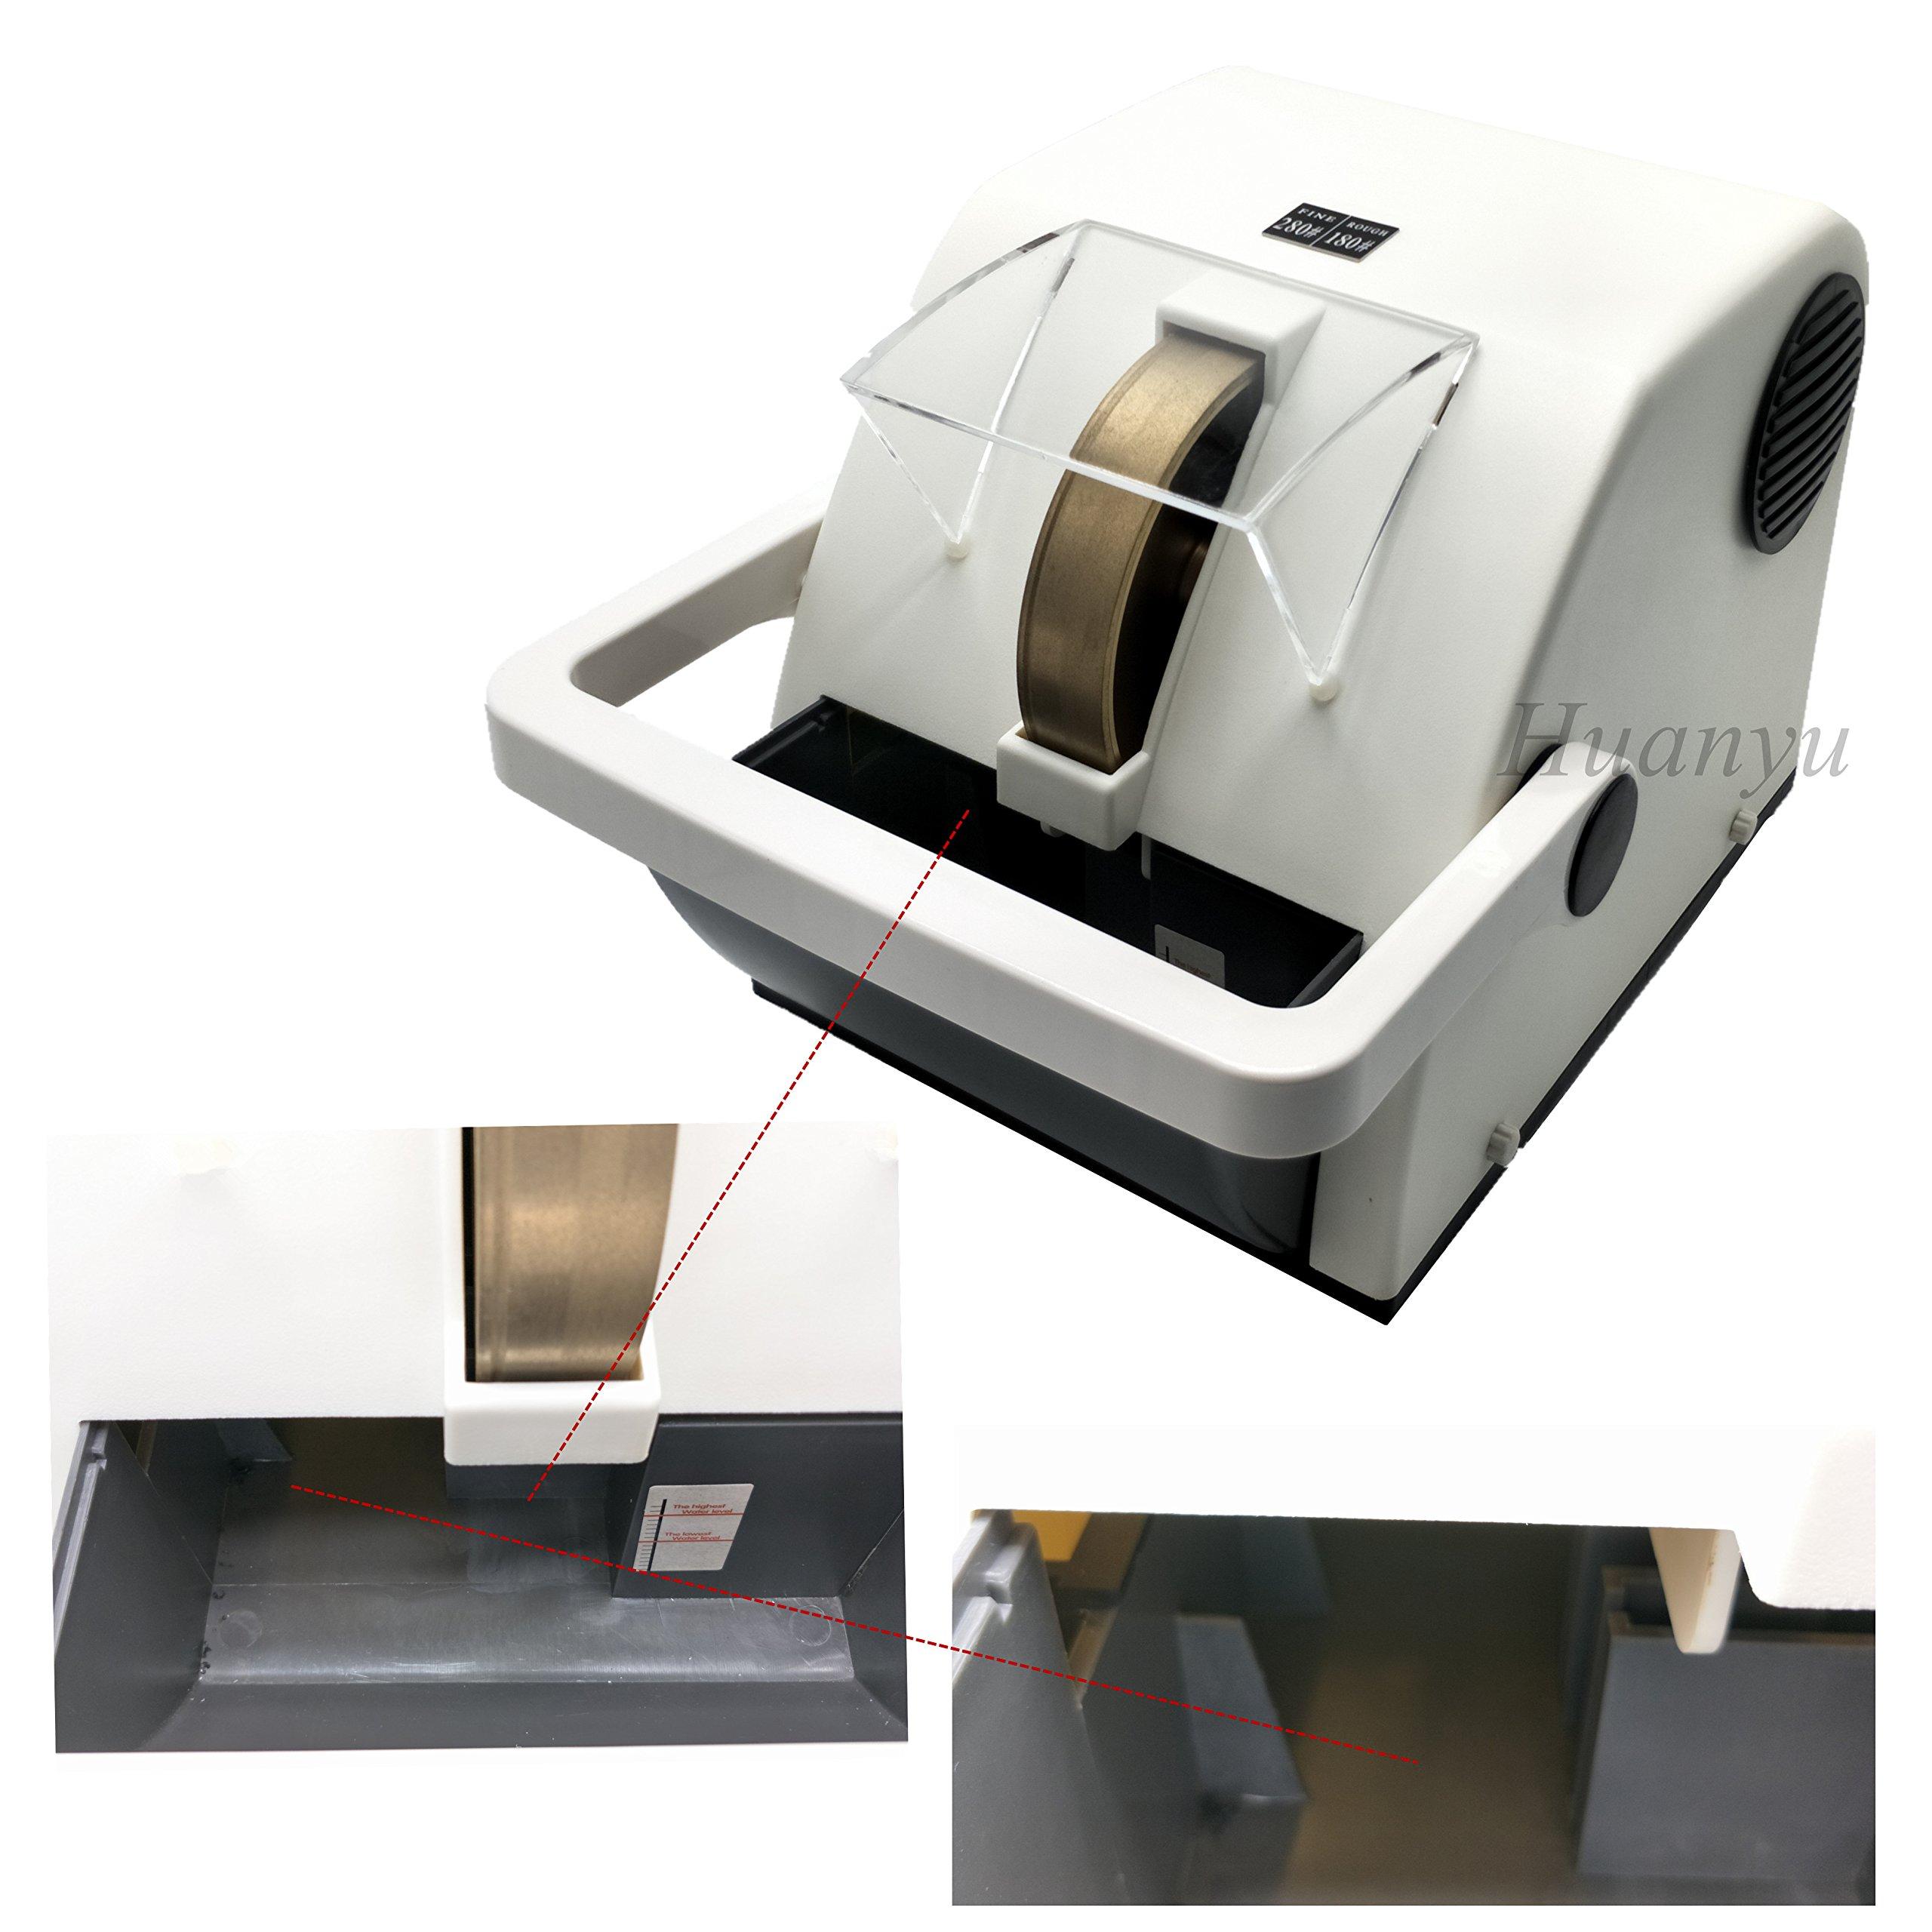 Huanyu Instrument LY-150 Single Wheel Optical Lens Hand Edger Manual Lens Grinder (110V/60Hz) by Huanyu Instrument® (Image #2)